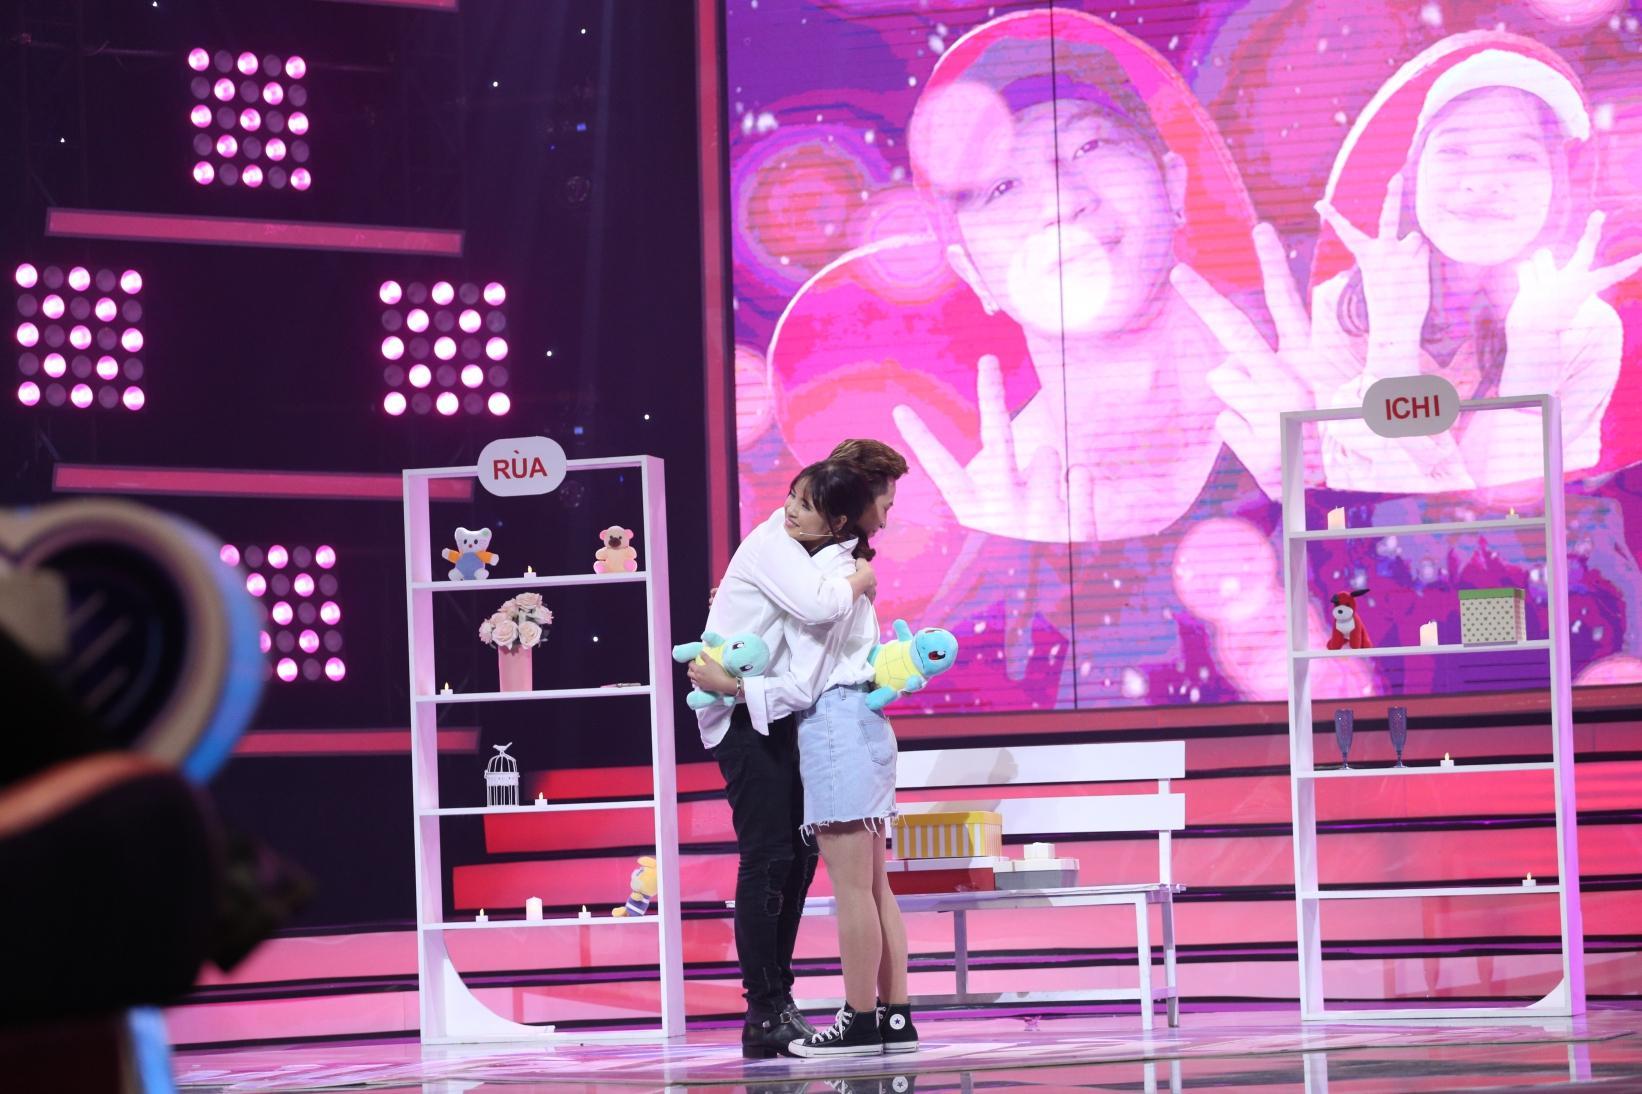 Bay từ Hàn Quốc về tỏ tình với Phí Ngọc Hưng, vậy mà cô gái này nhát đến nỗi không dám đọc kết quả-9